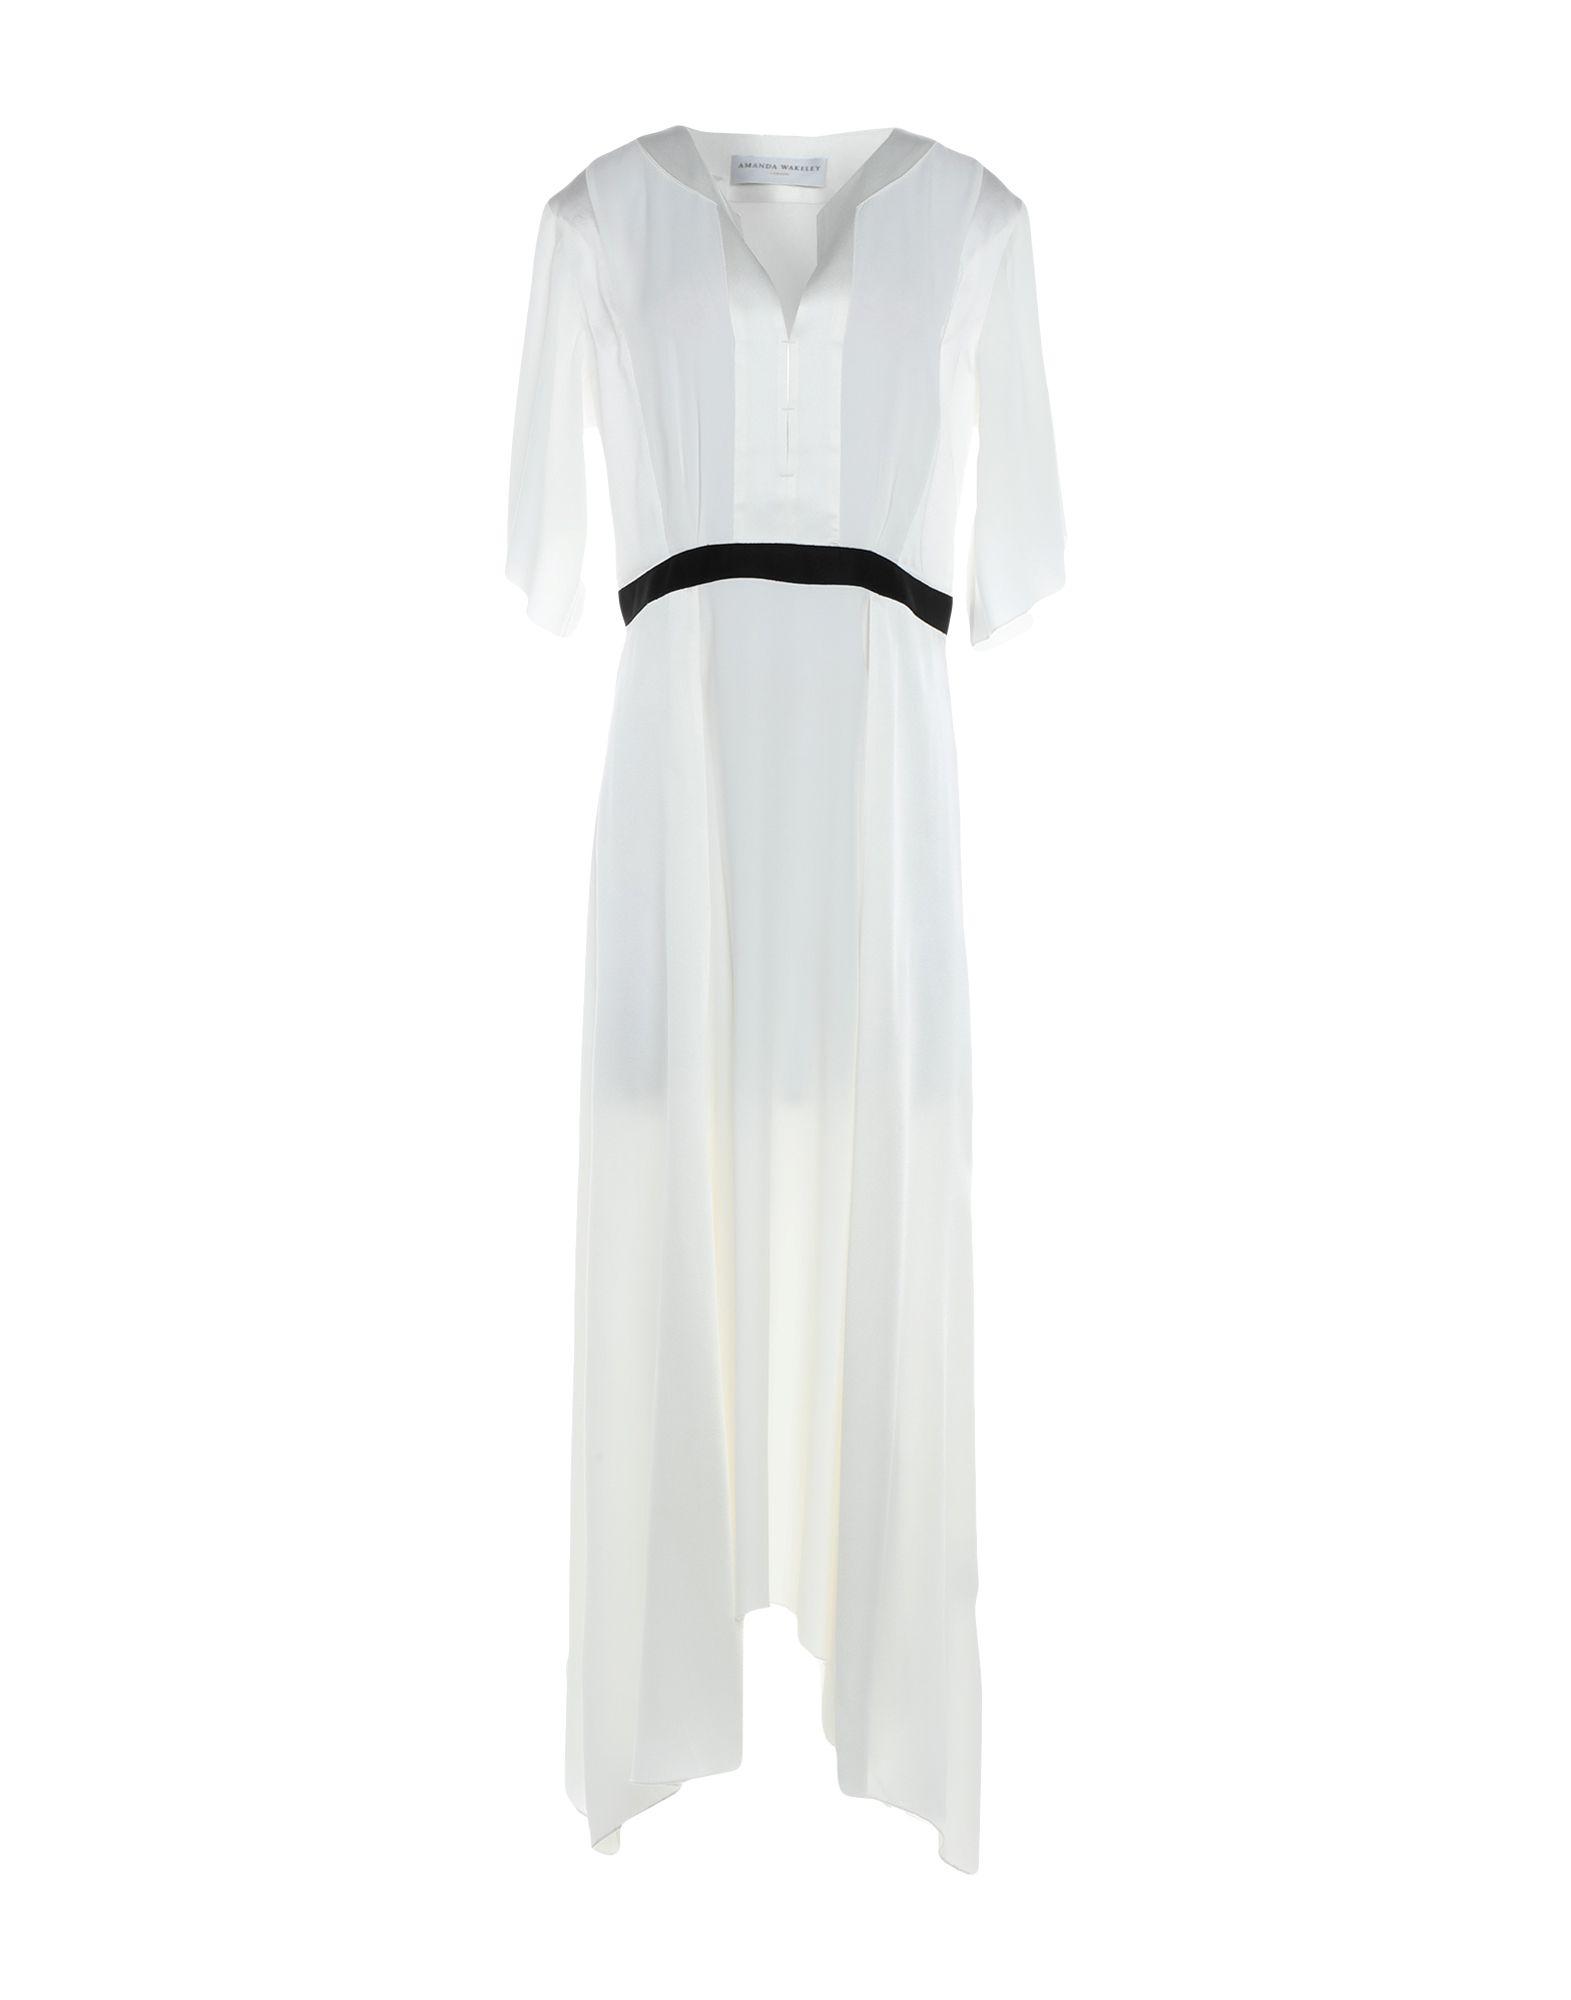 AMANDA WAKELEY Платье длиной 3/4 фото